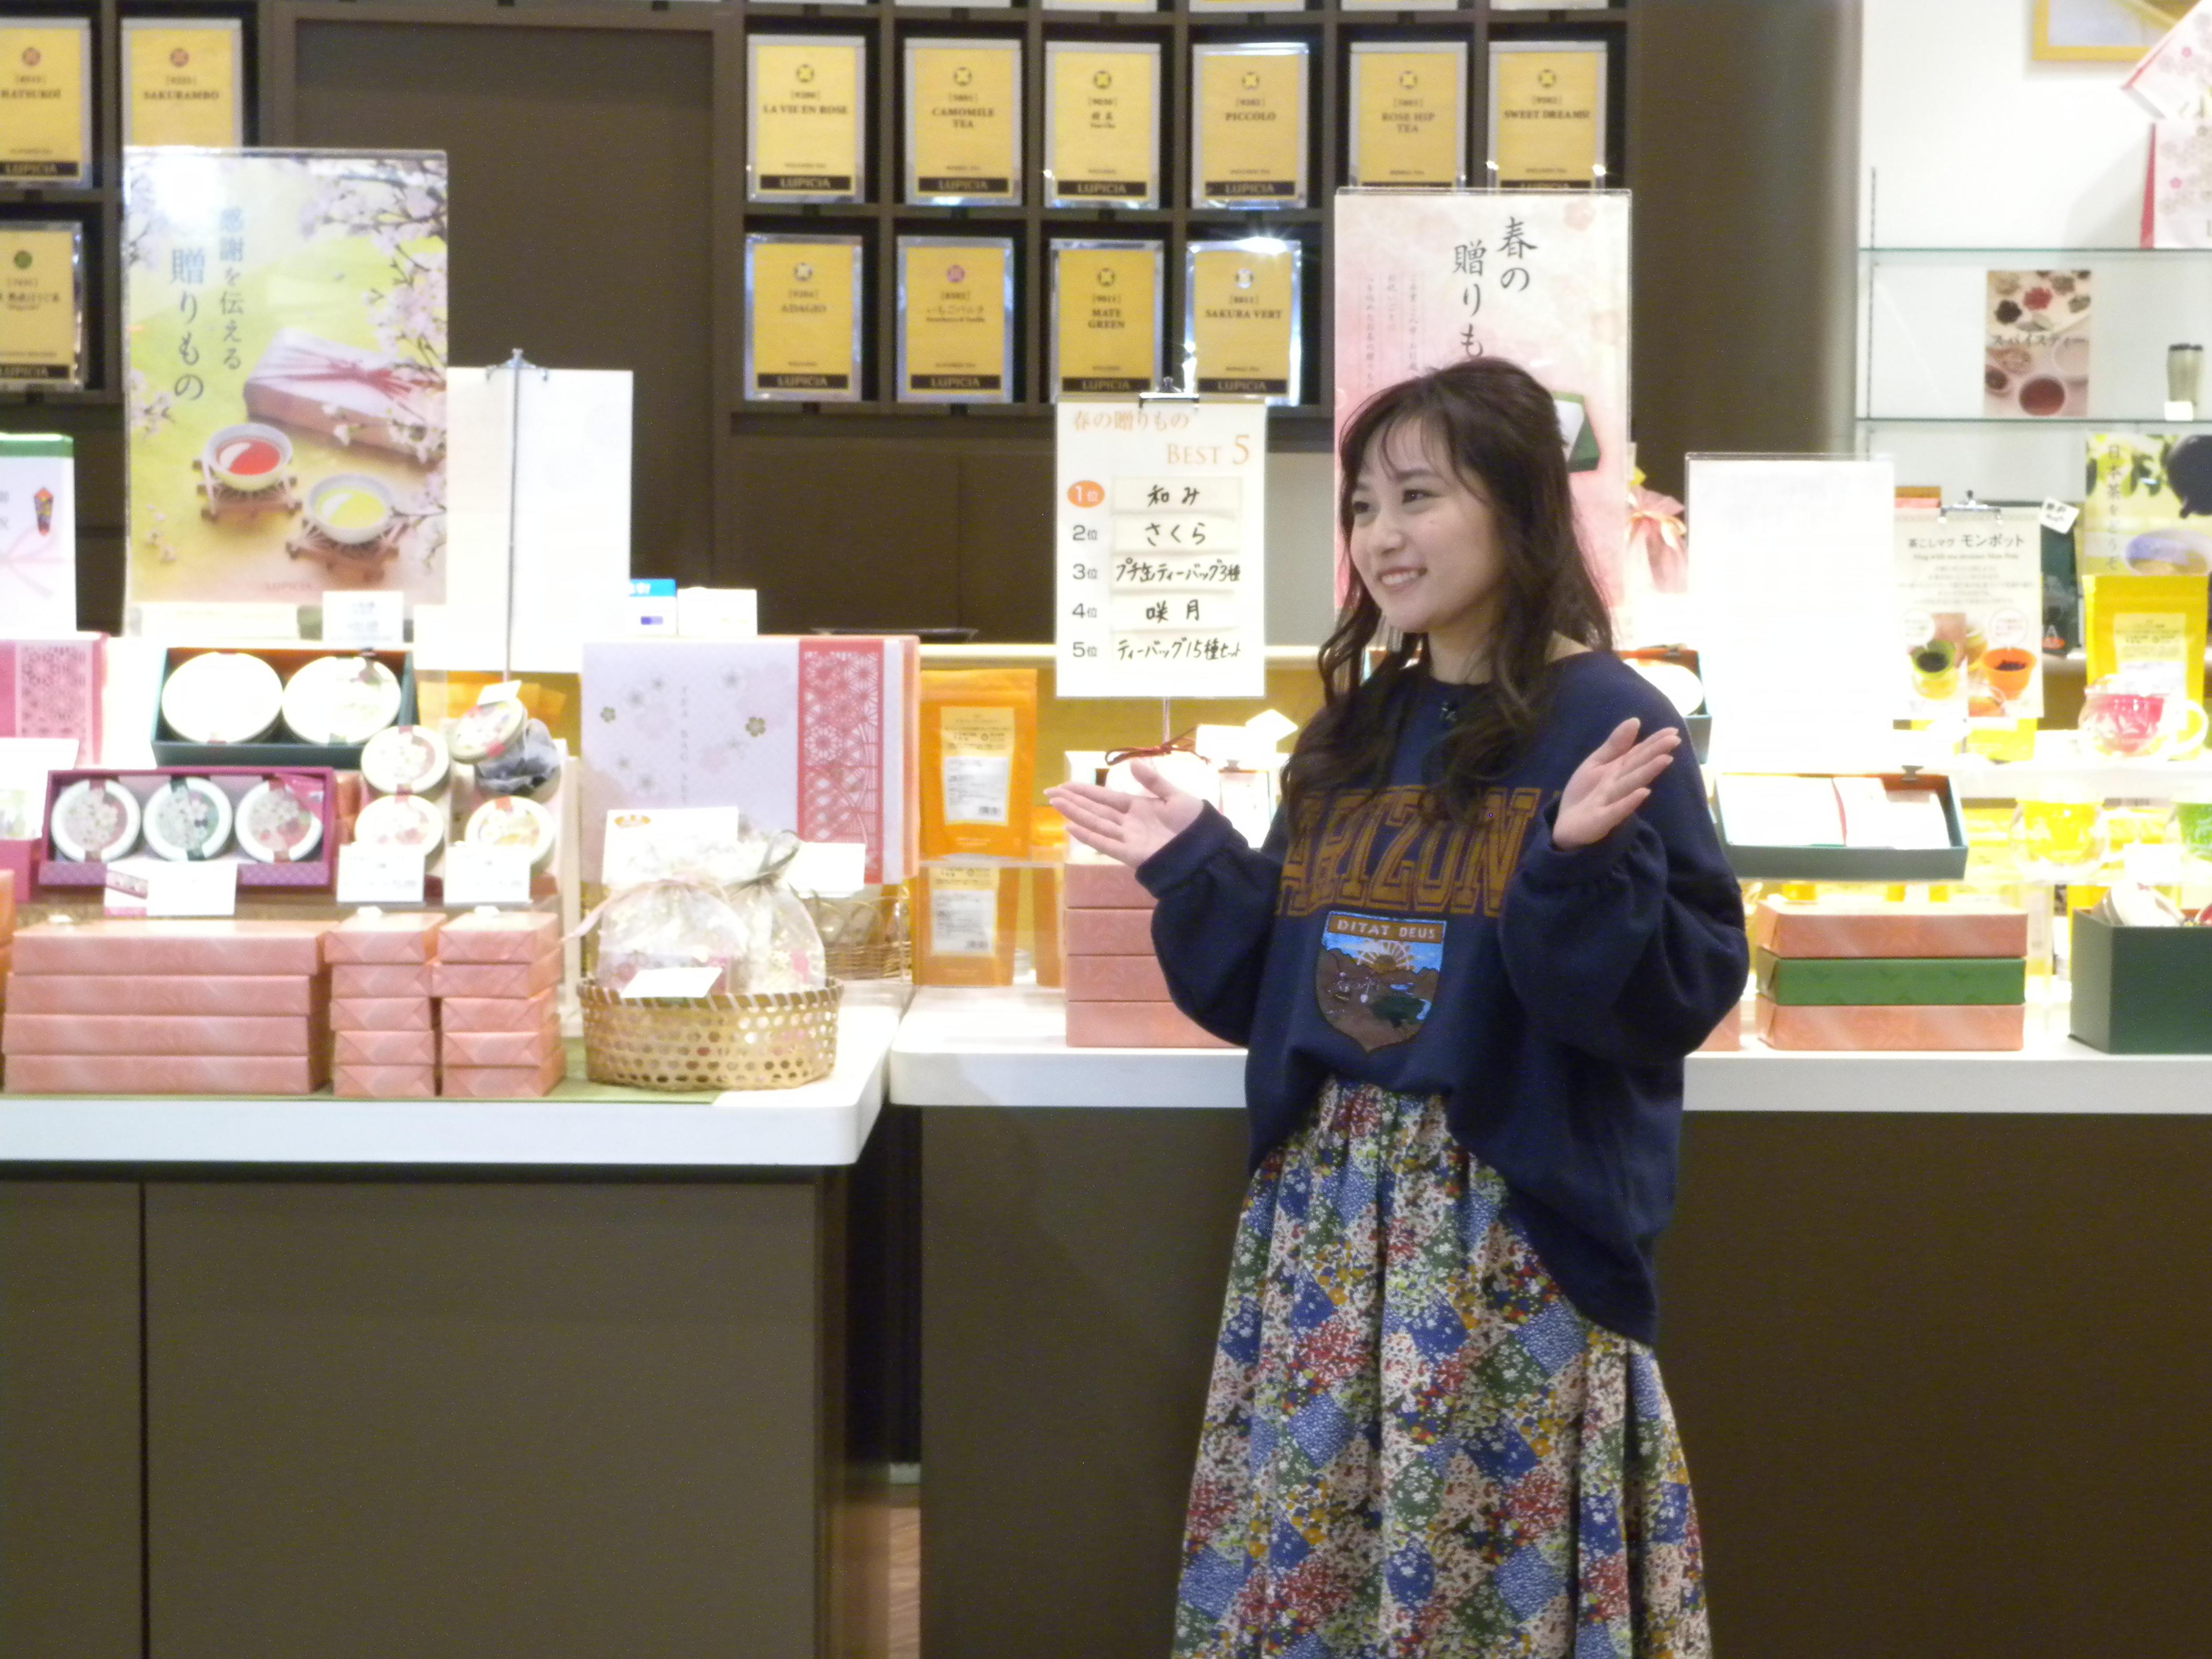 https://emifull.jp/emifulls_blog/11th/uploads/0308-4.JPG